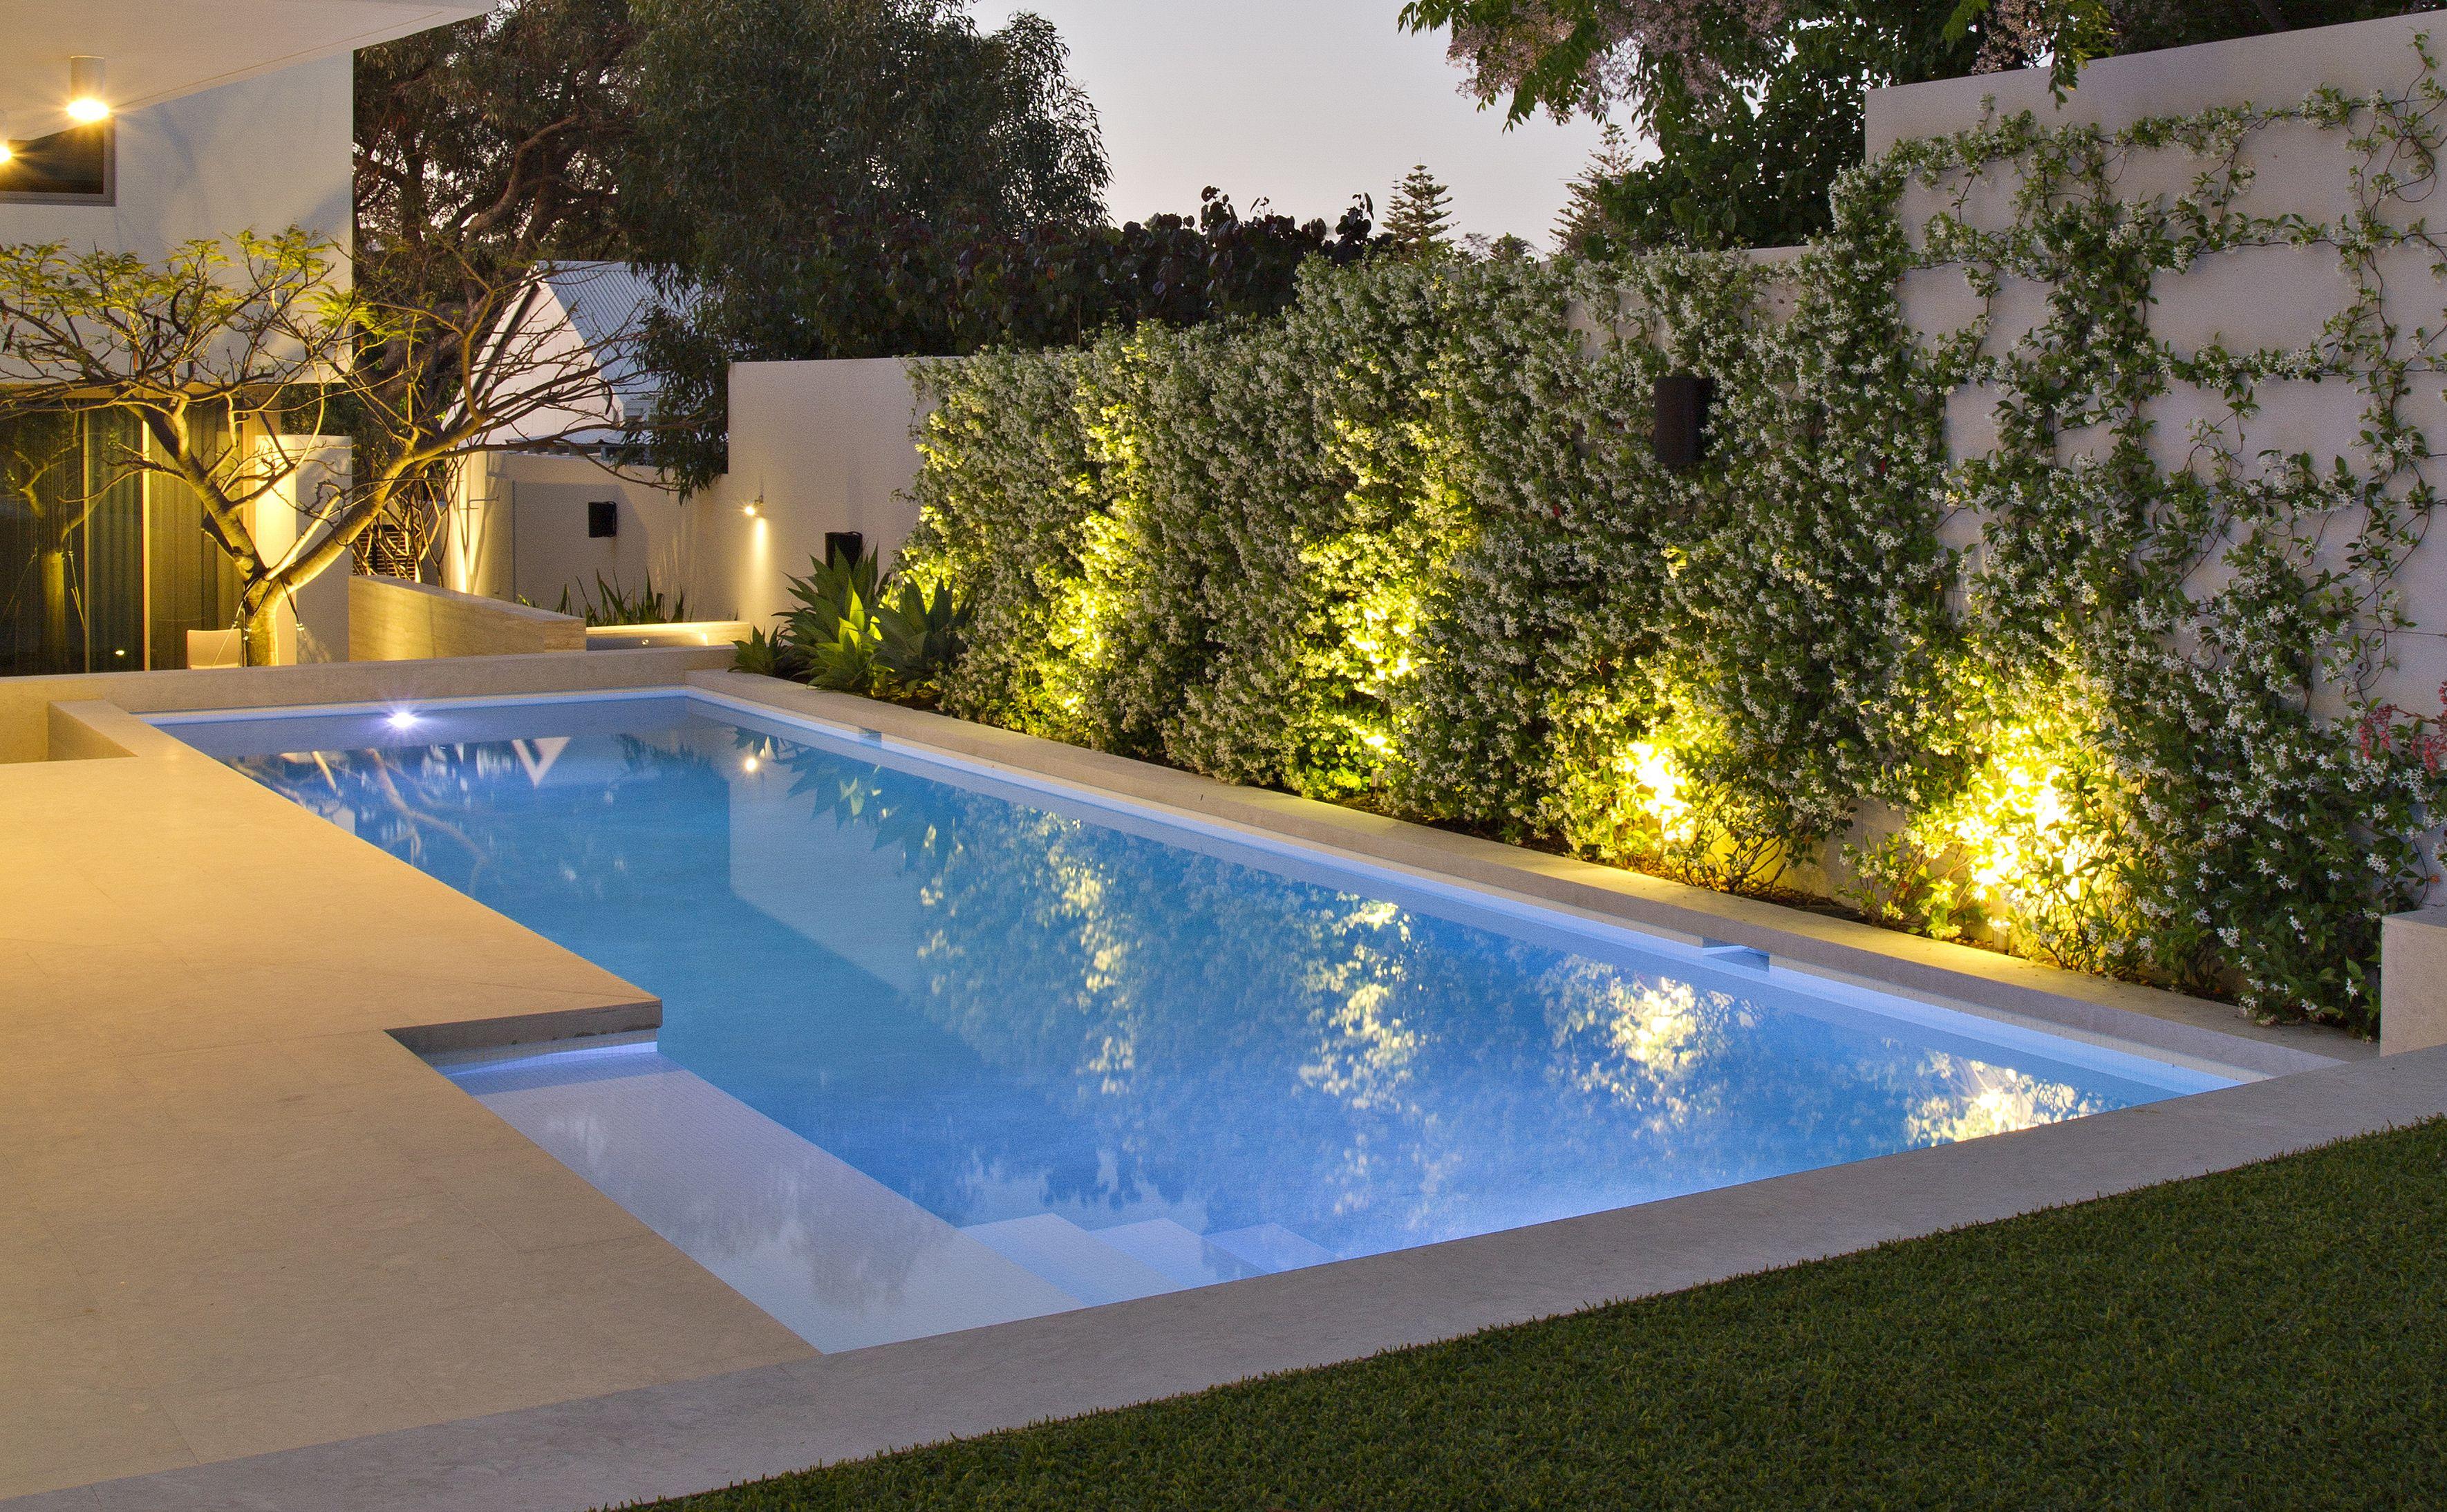 pool, garden lighting, outdoor spaces | landscape me in 2019 | pool